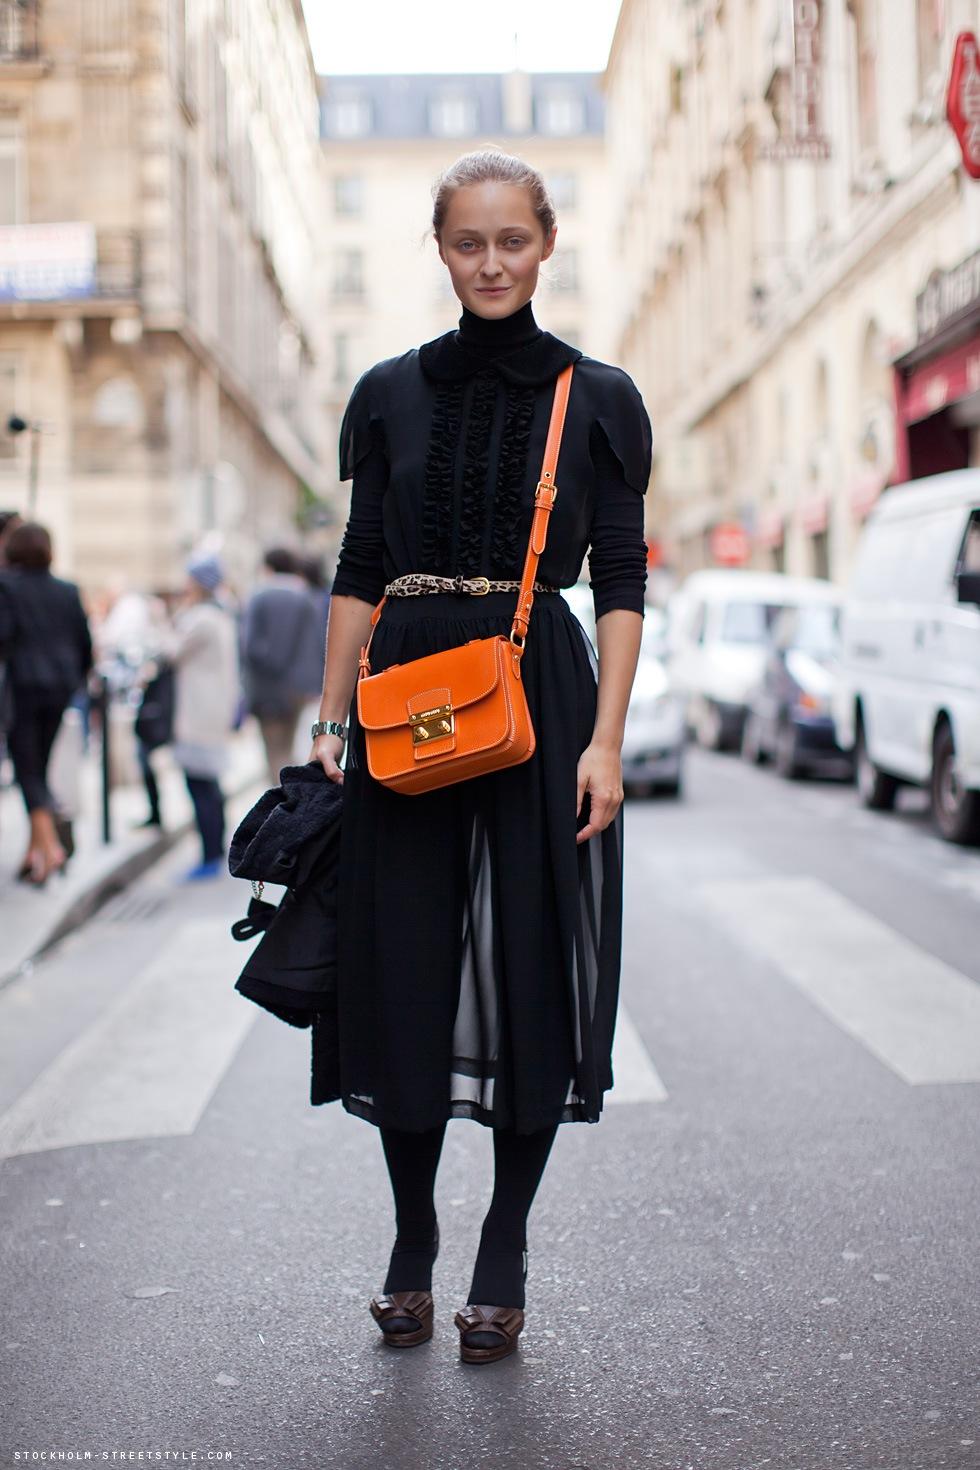 Прозрачная юбка на улице фото